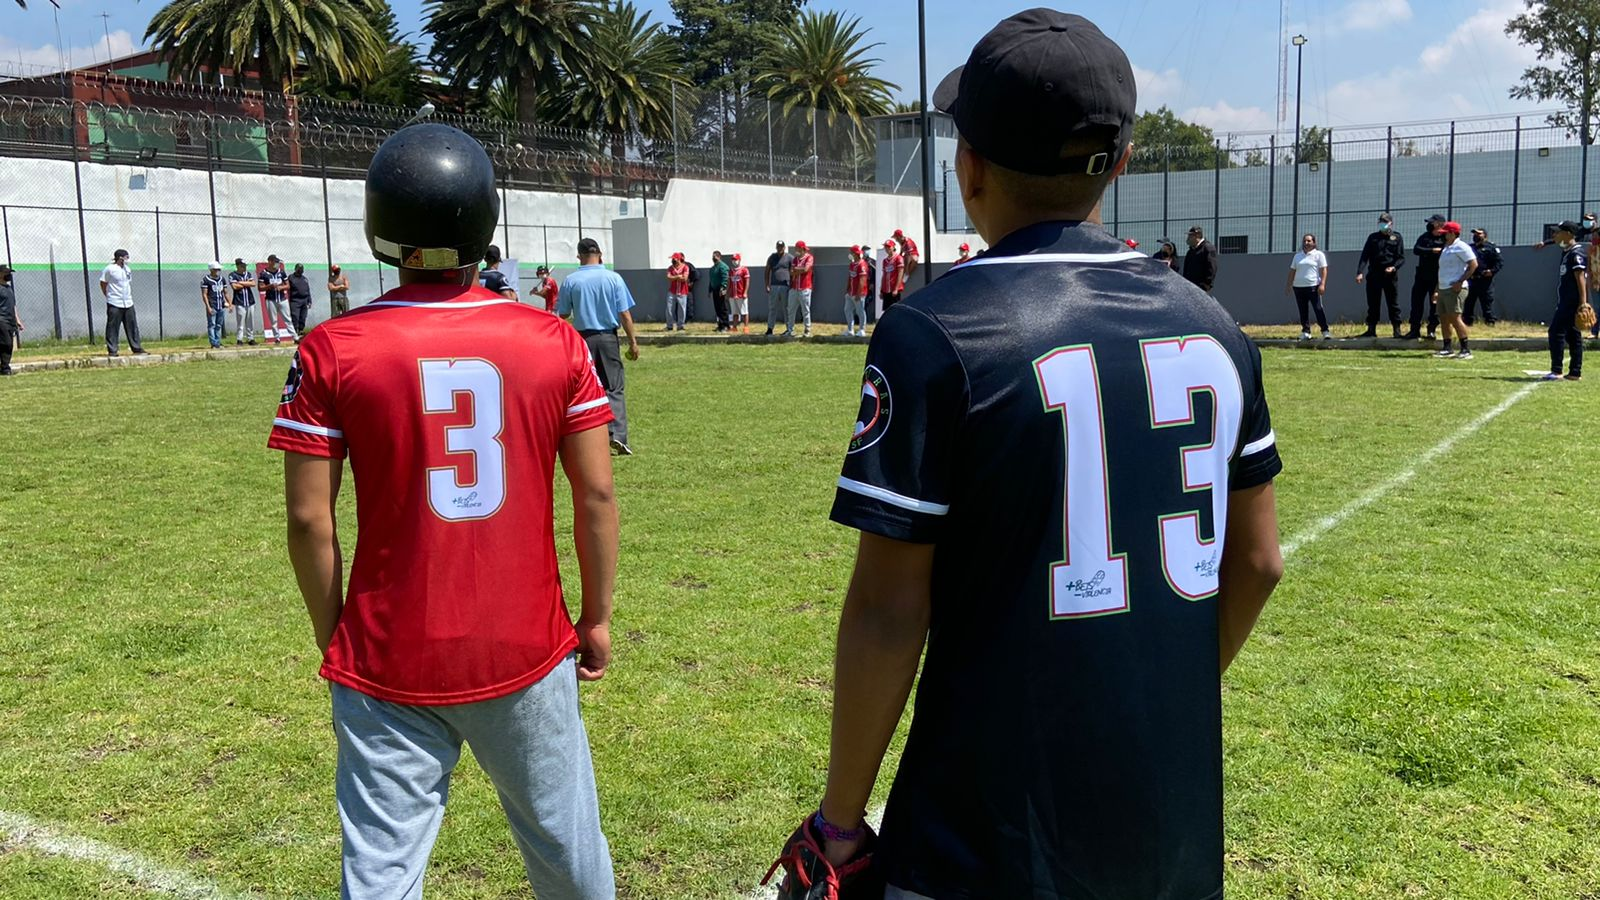 beisbol (8).jpeg